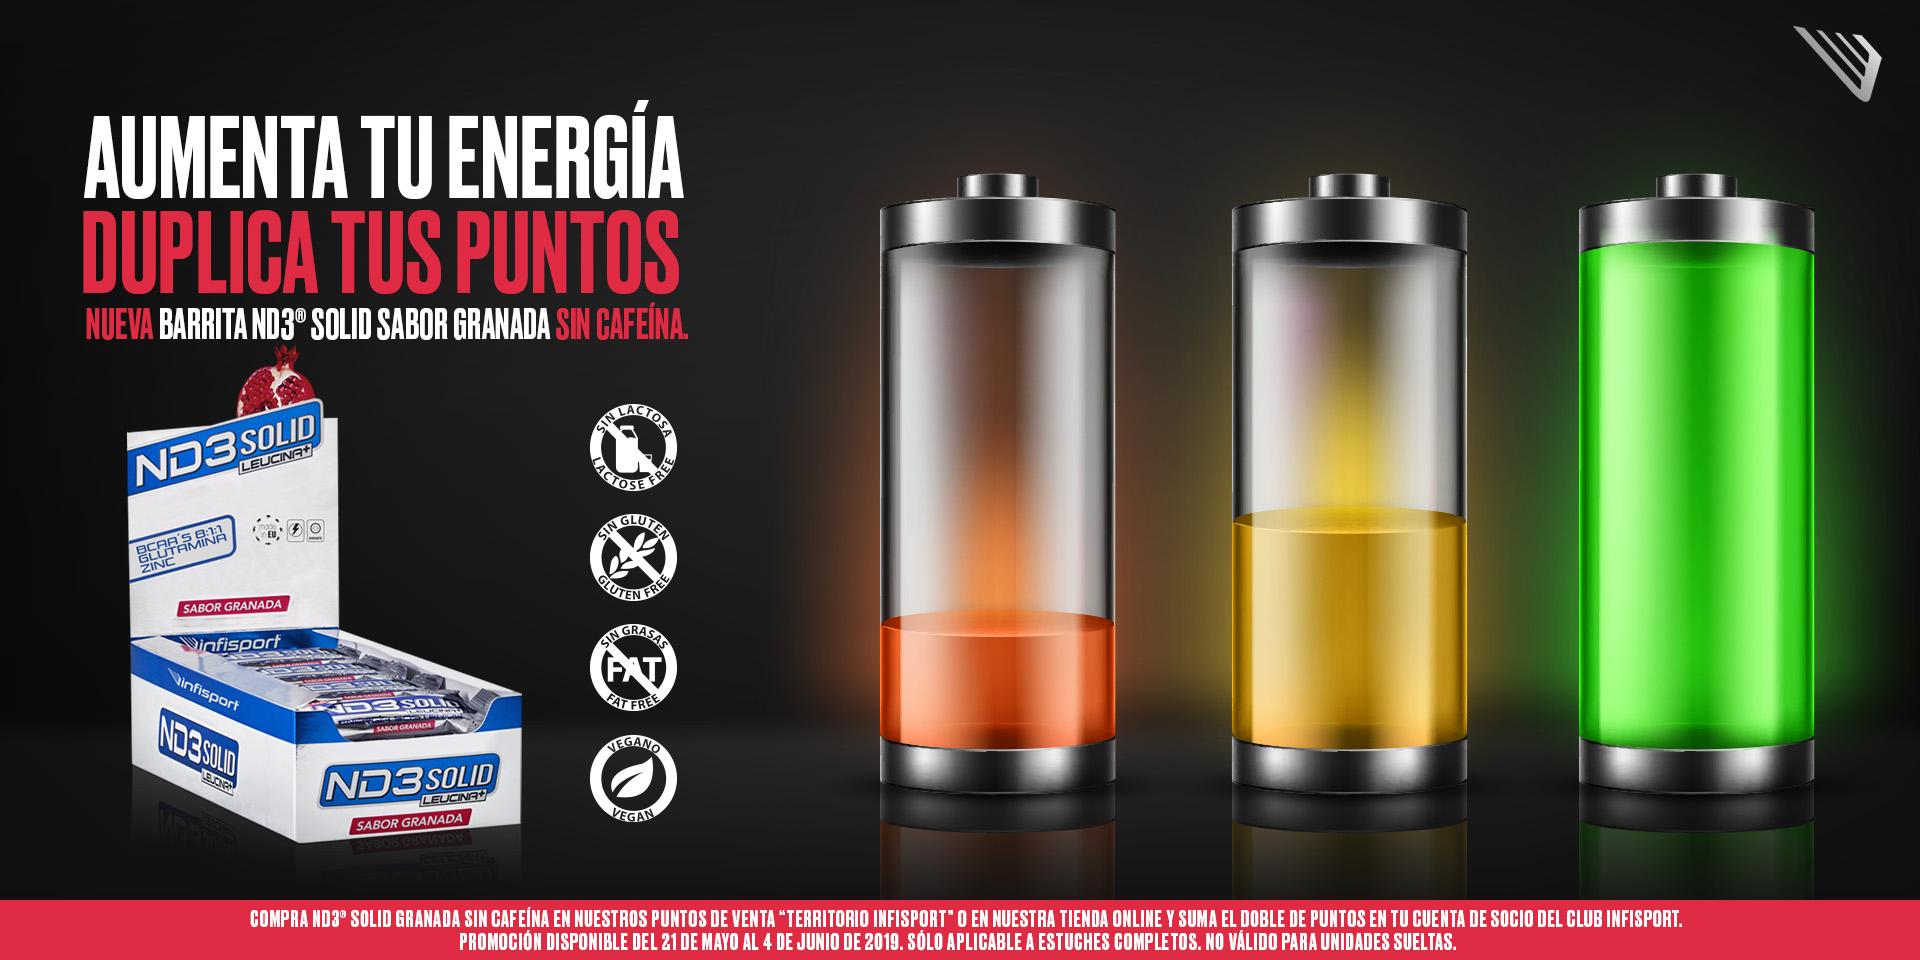 Promo ND3 Solid Granada Sin Cafeina